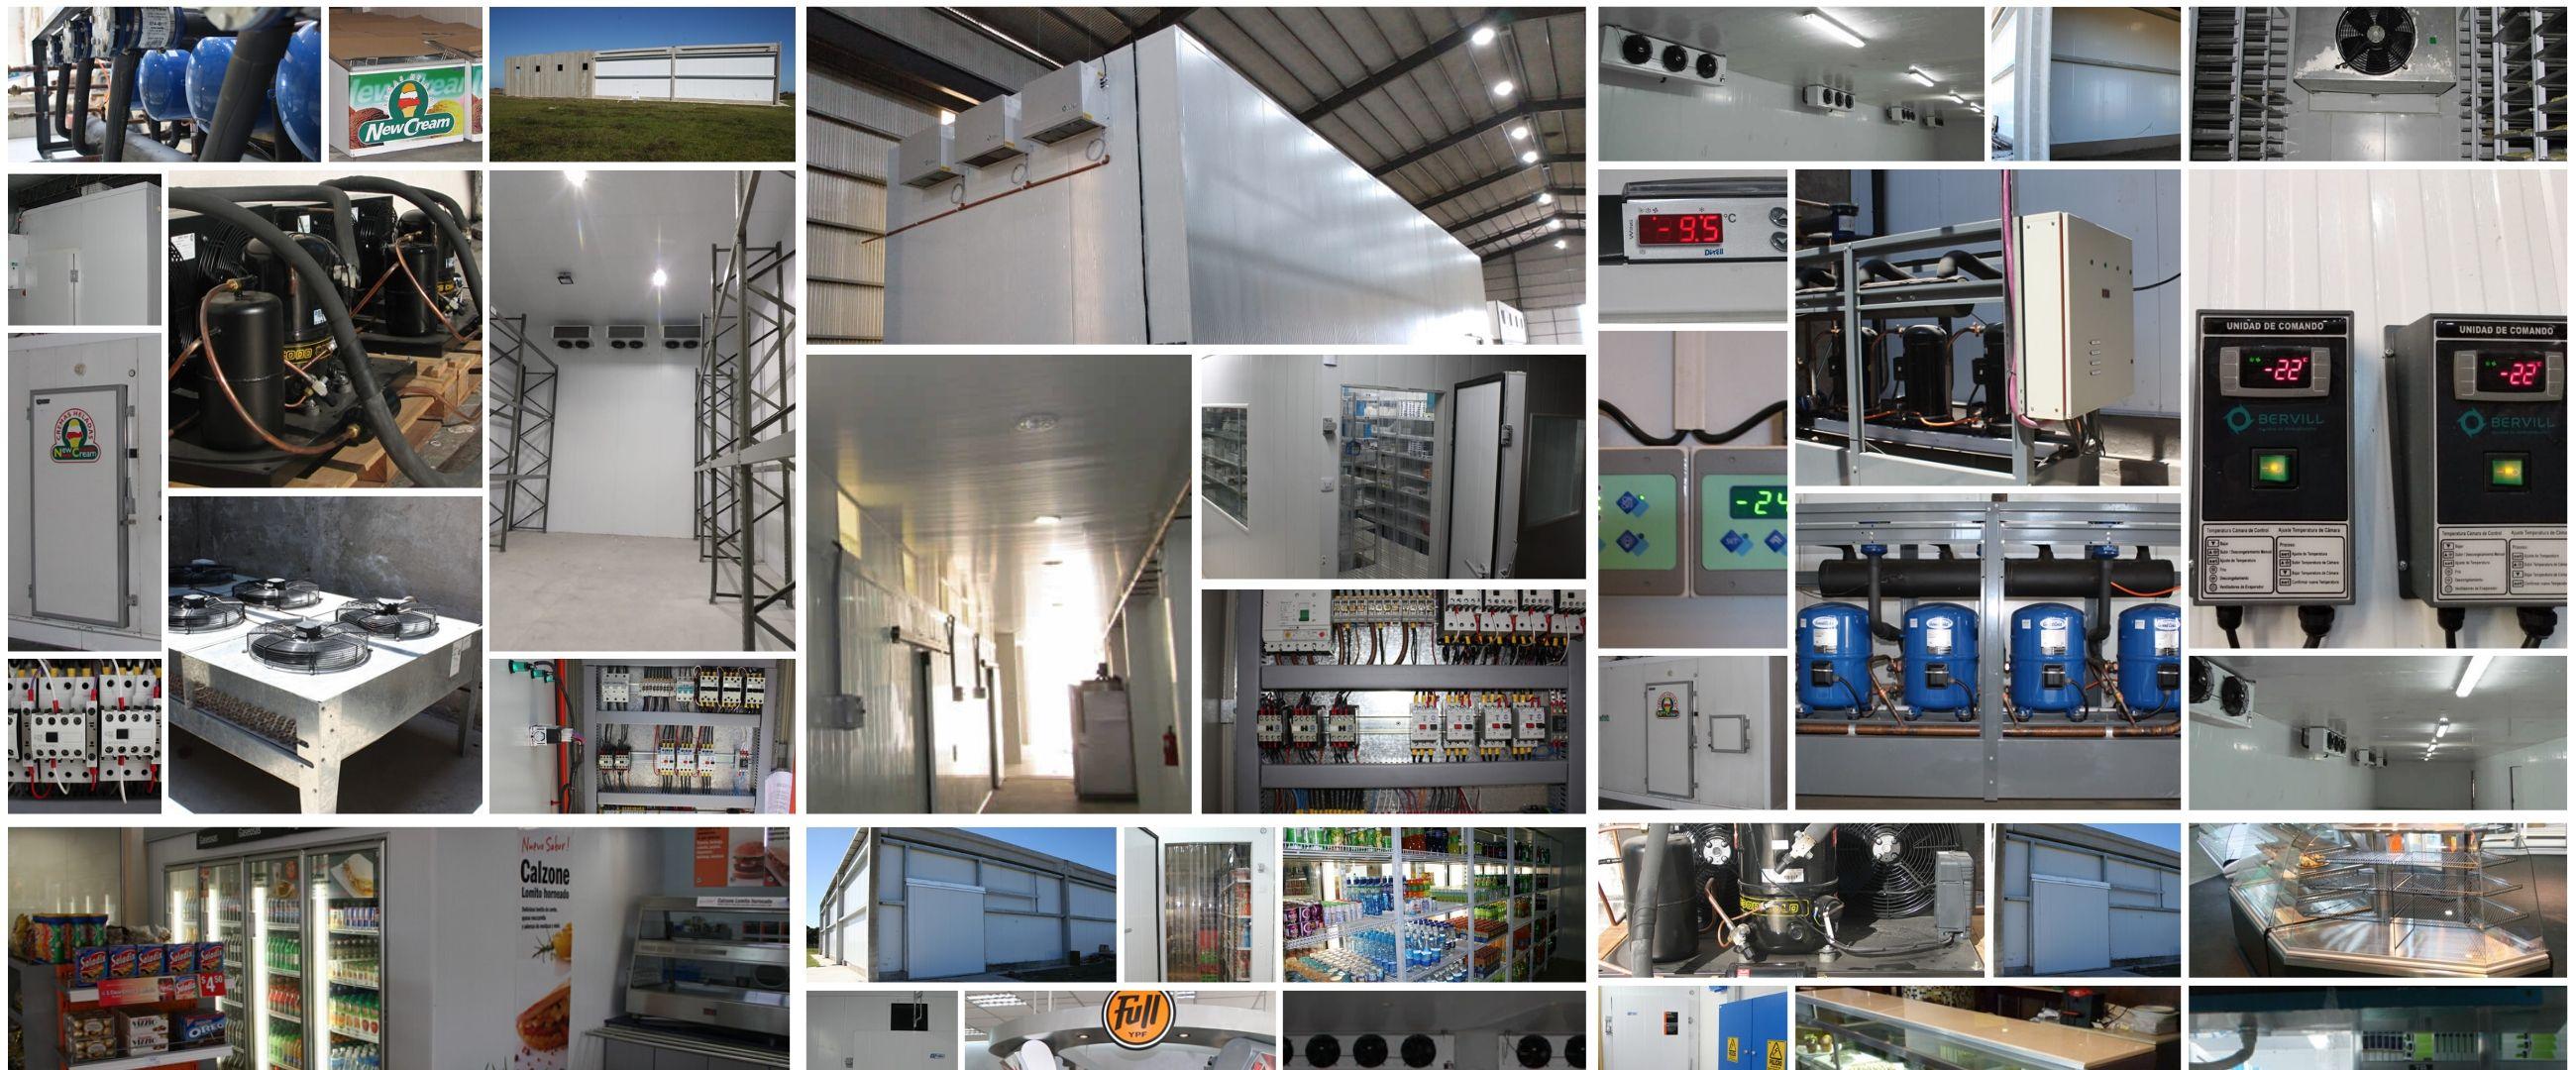 Refrigeracion Industrial y Comercial - Refrigeración Quatrini